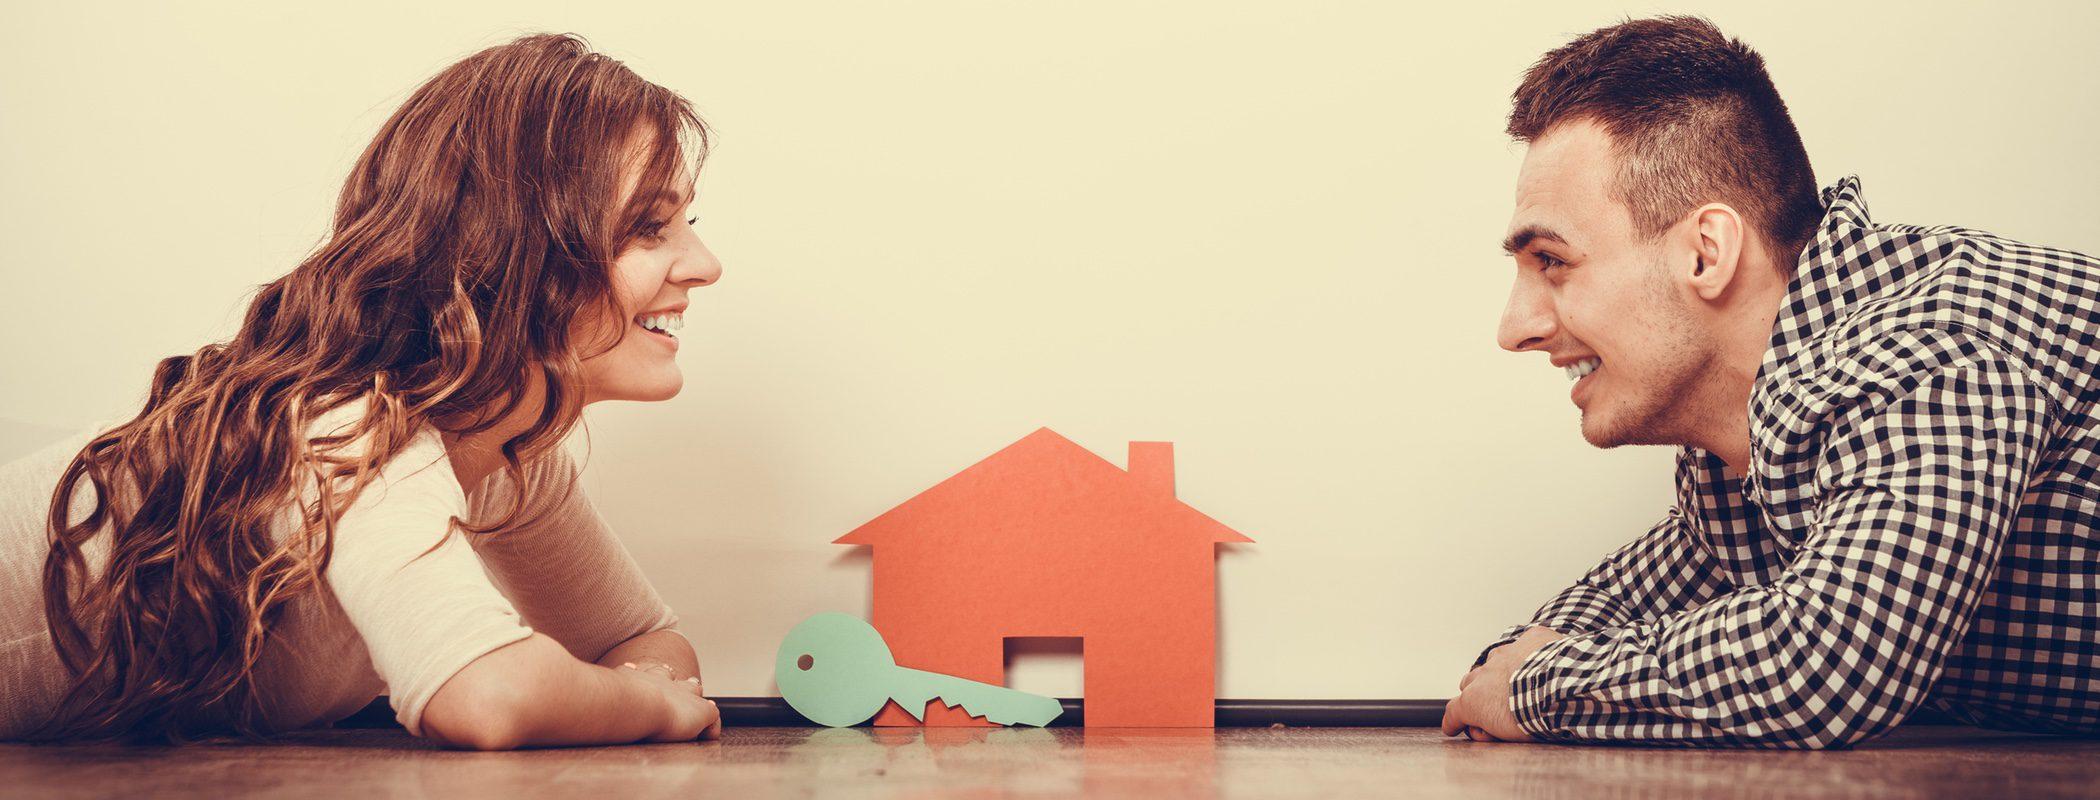 ¿Cuándo llega el momento de comprarte una casa con tu pareja?